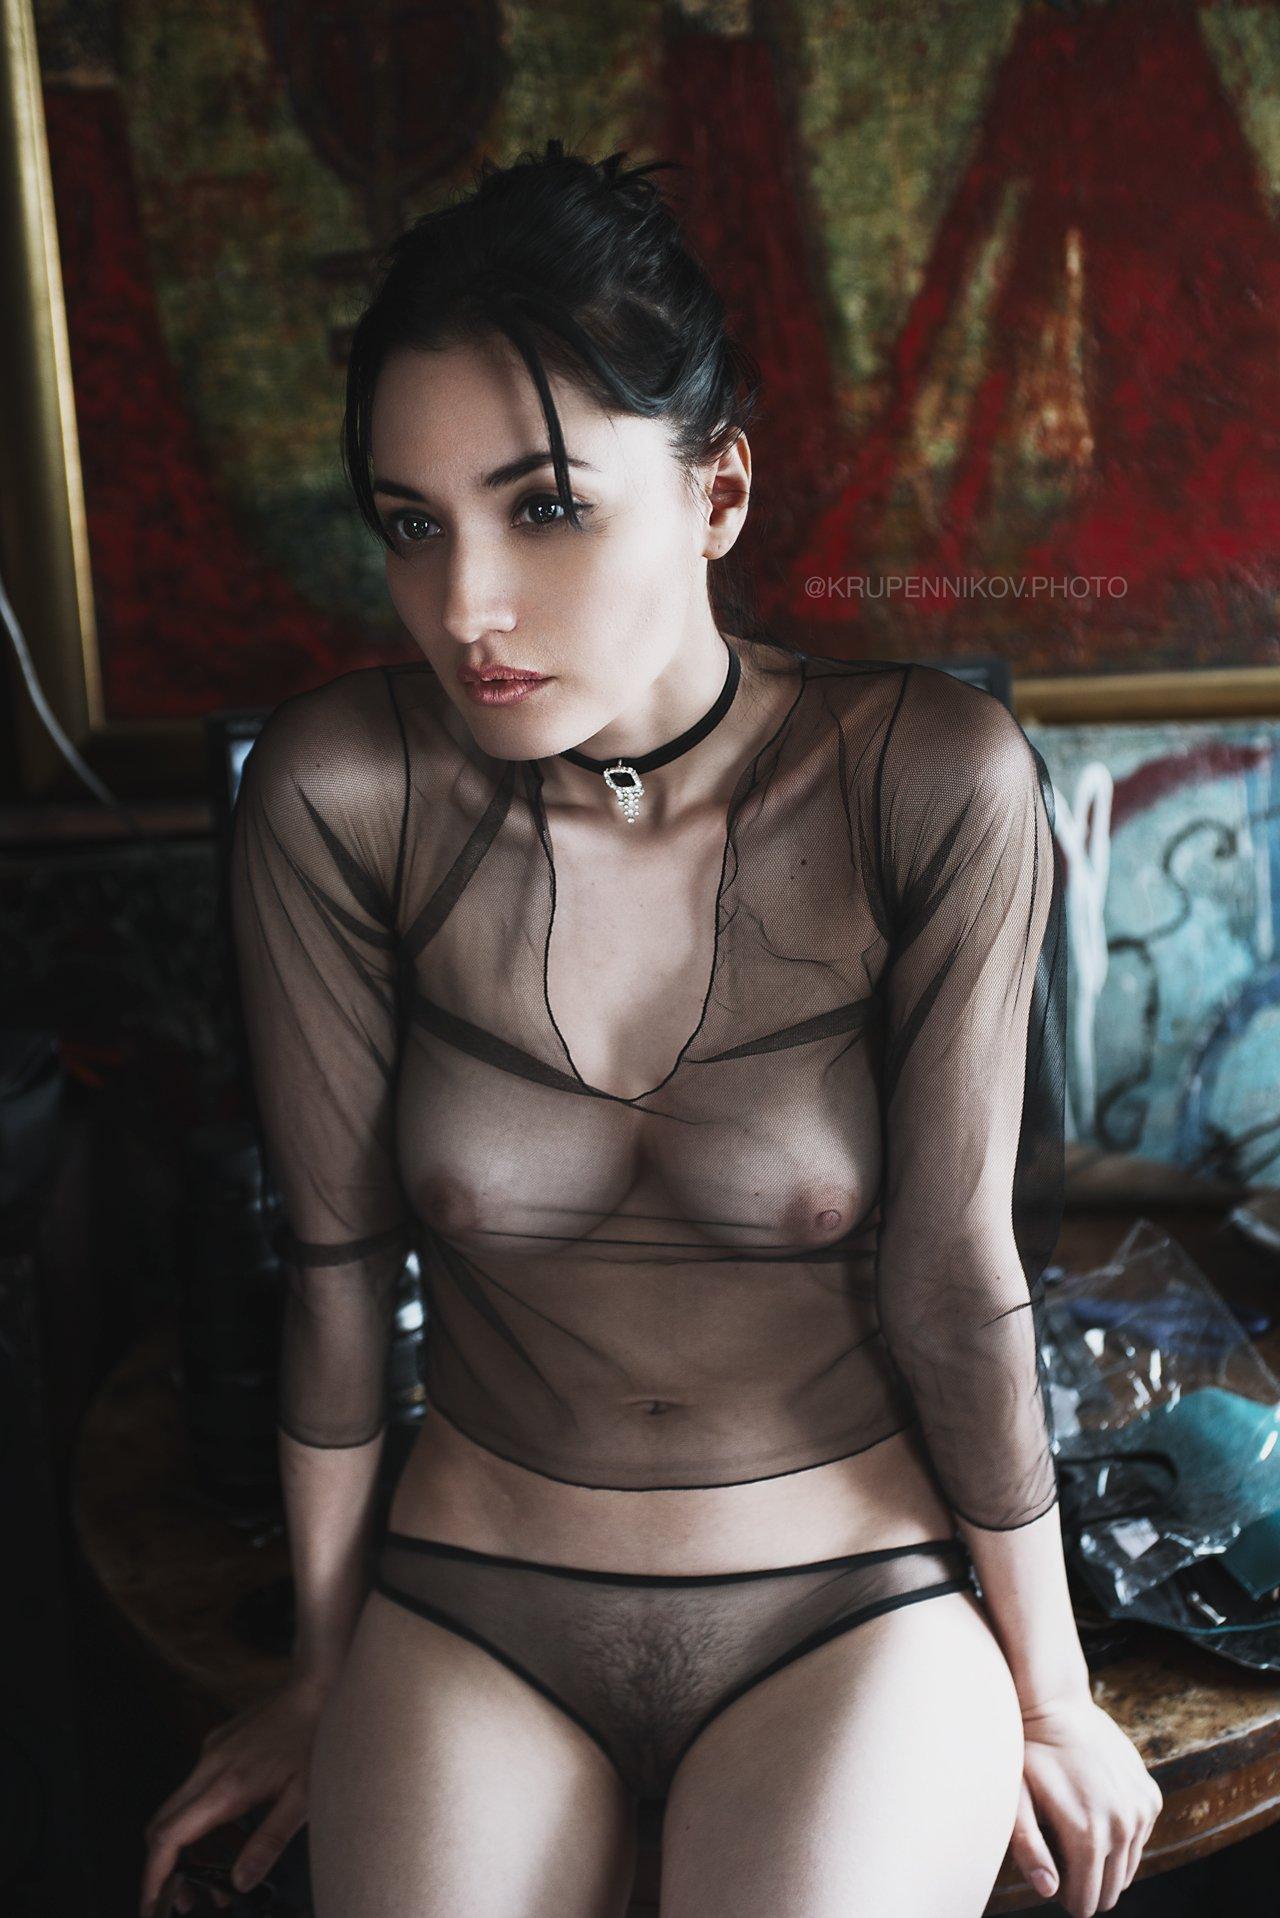 девушка, ню, арт ню, картина, золото, прозрачная блузка, чокер, нижнее белье, Петр Крупенников